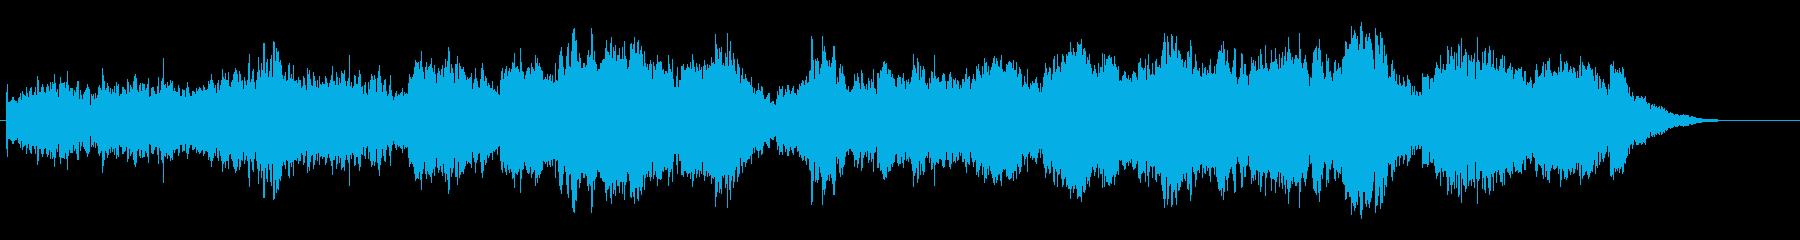 浮遊感覚のあるα波アンビエントBGMの再生済みの波形